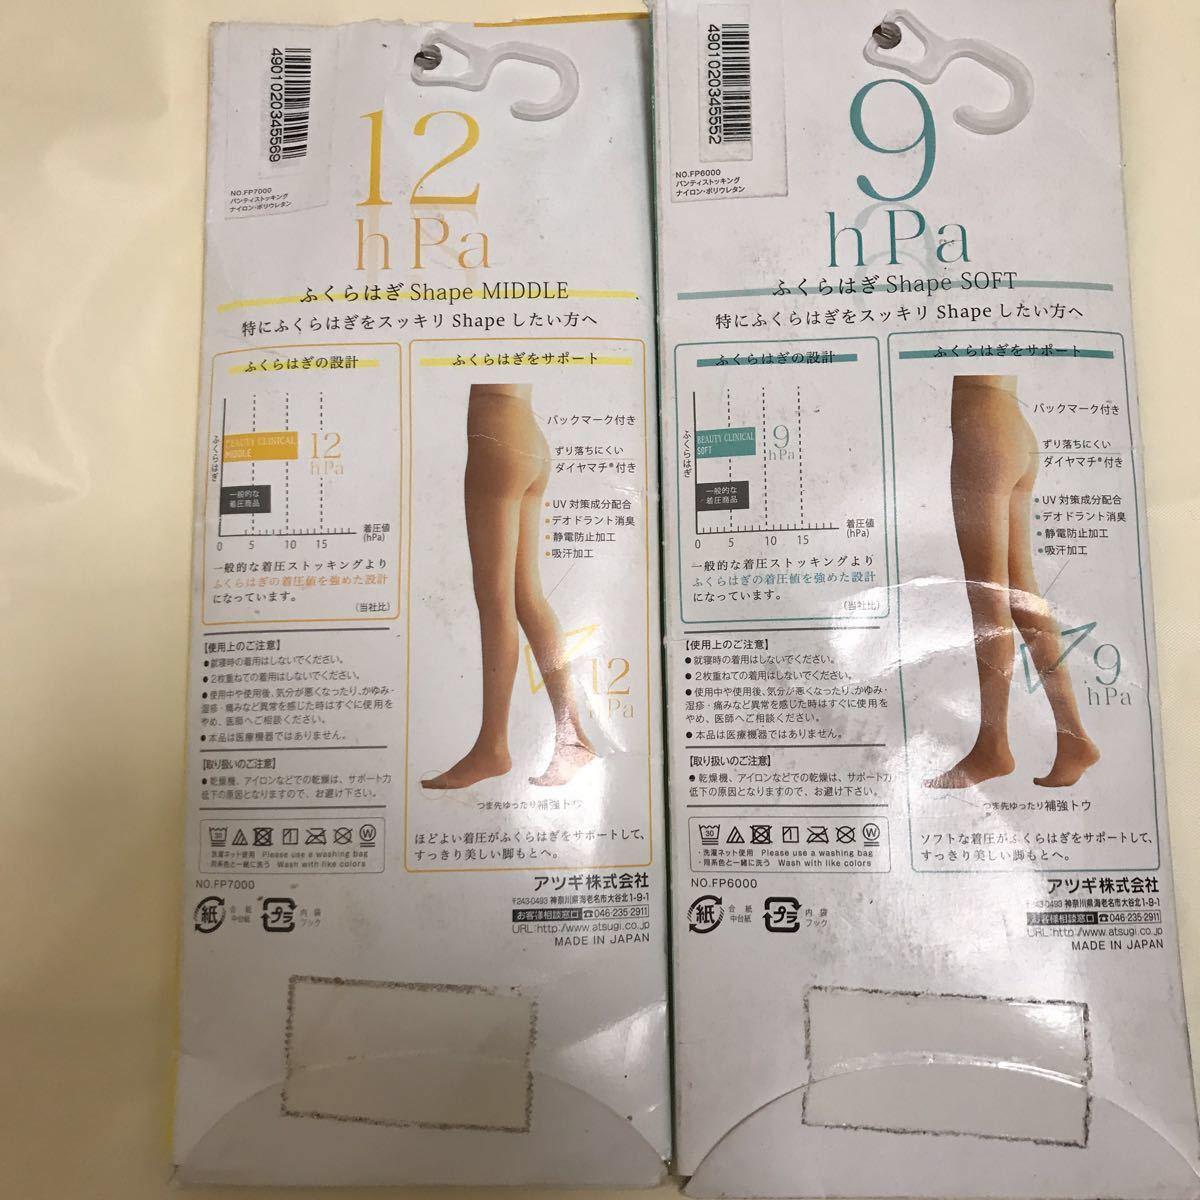 送料無料アツギATSUGIパンストCLINICALクリニカル新品ストッキング未使用ヌーディベージュM2足9着圧12hPaダイエットshape日本製JAPAN国産_画像2